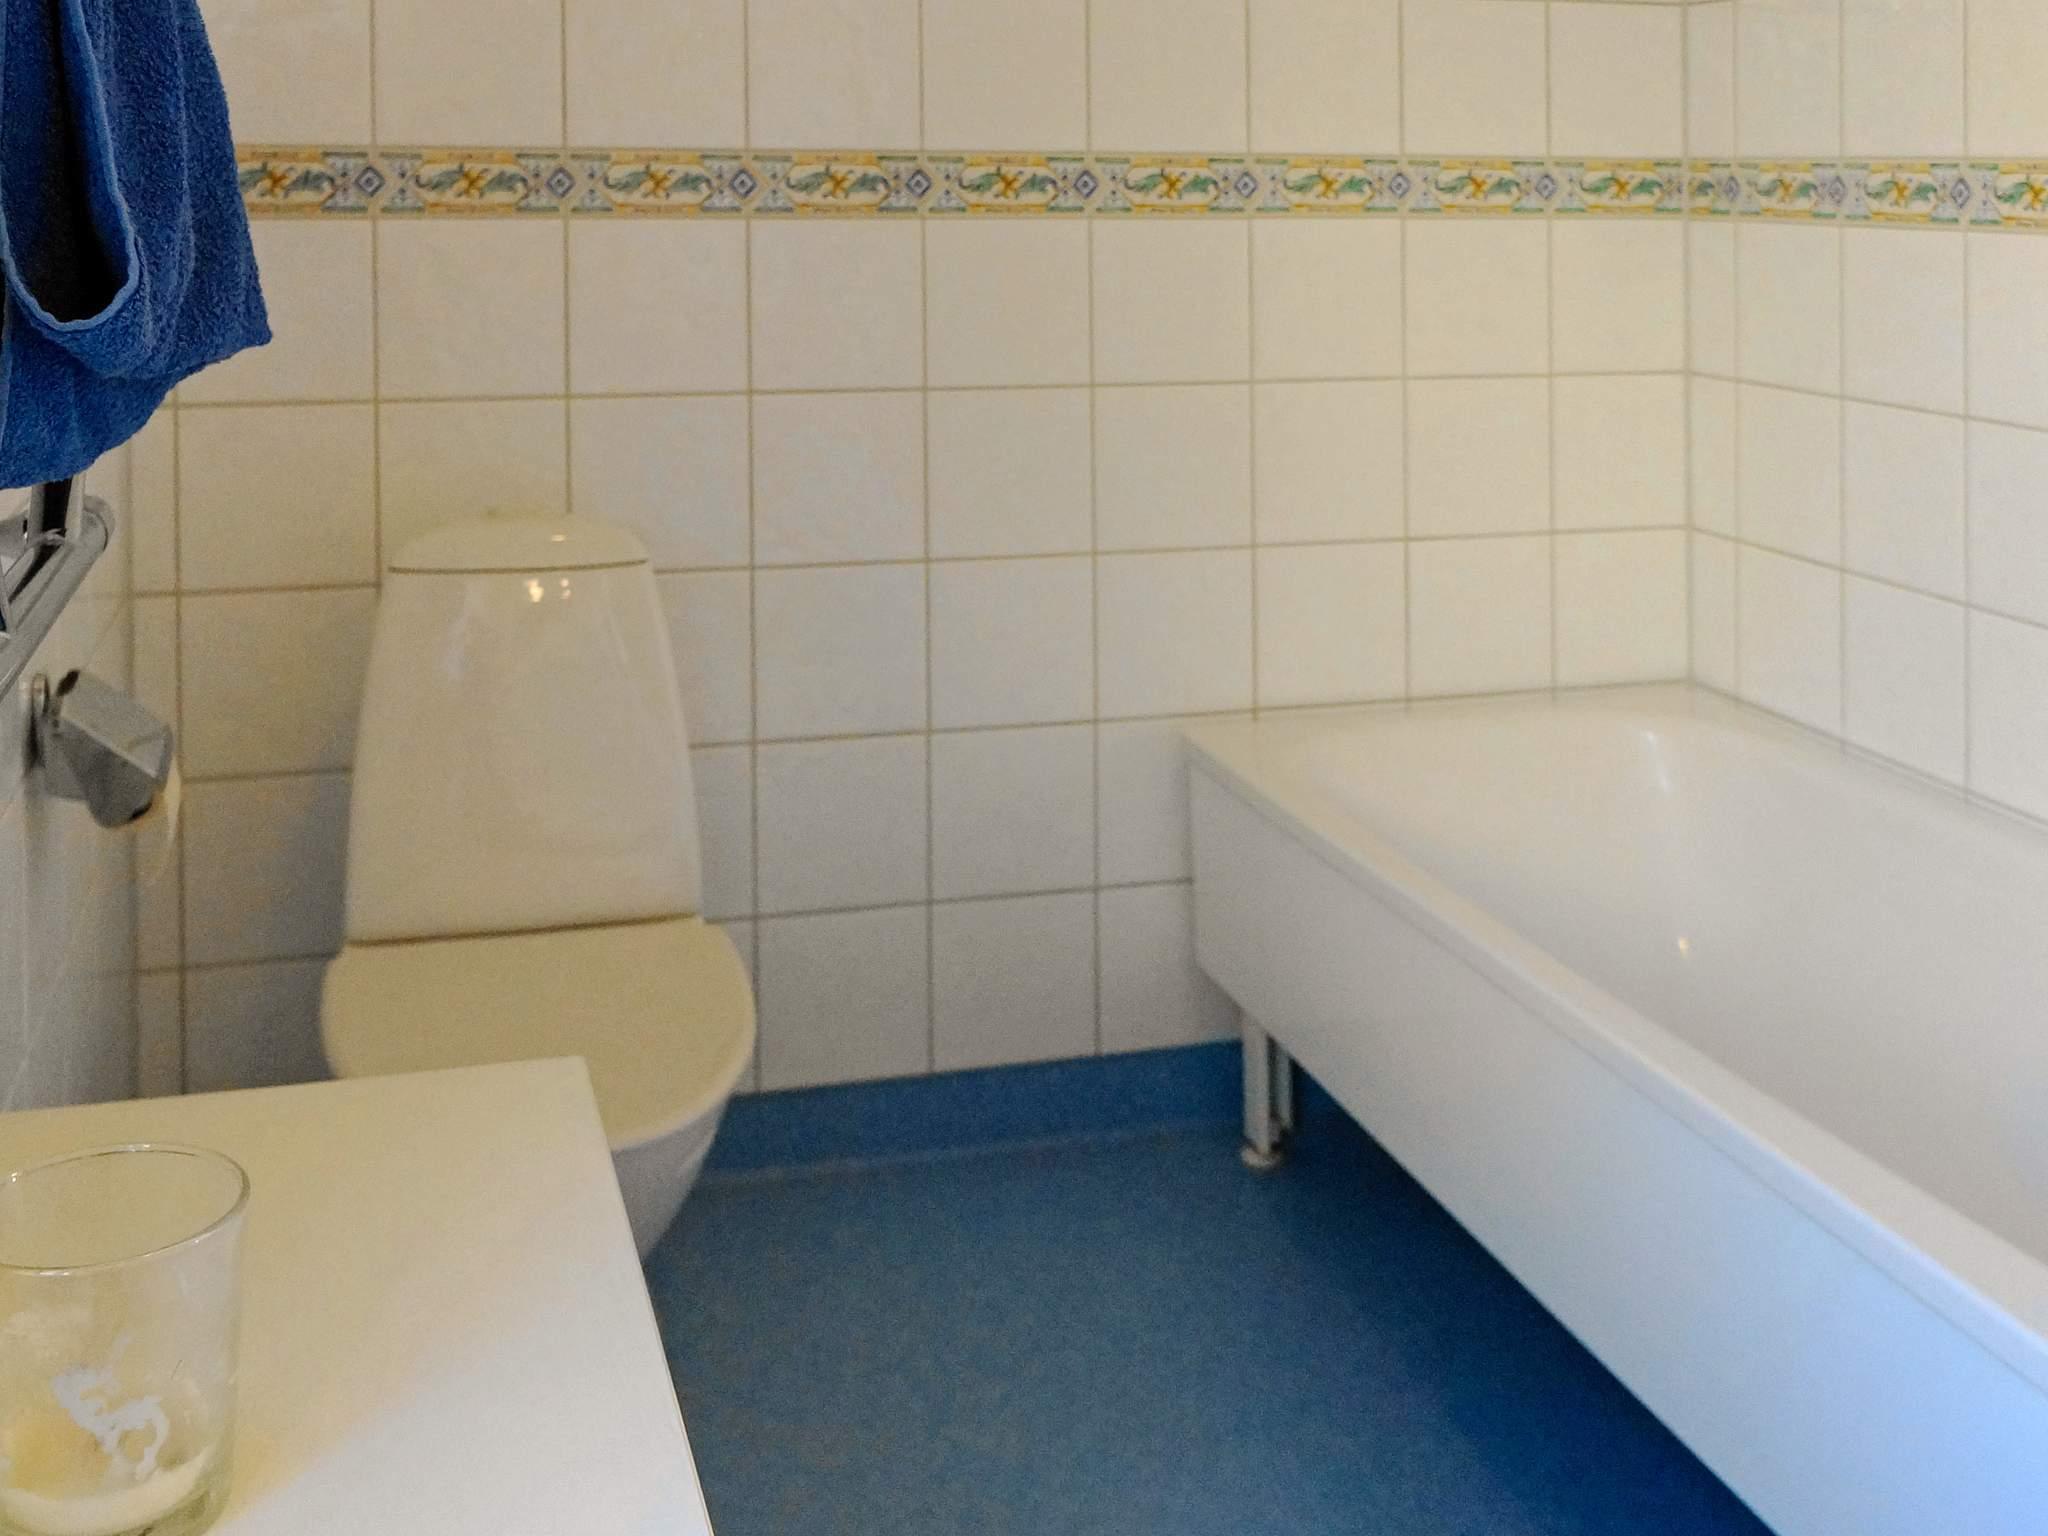 Ferienhaus Tjörn/Skärhamn (1862883), Skärhamn, Tjörn, Westschweden, Schweden, Bild 14